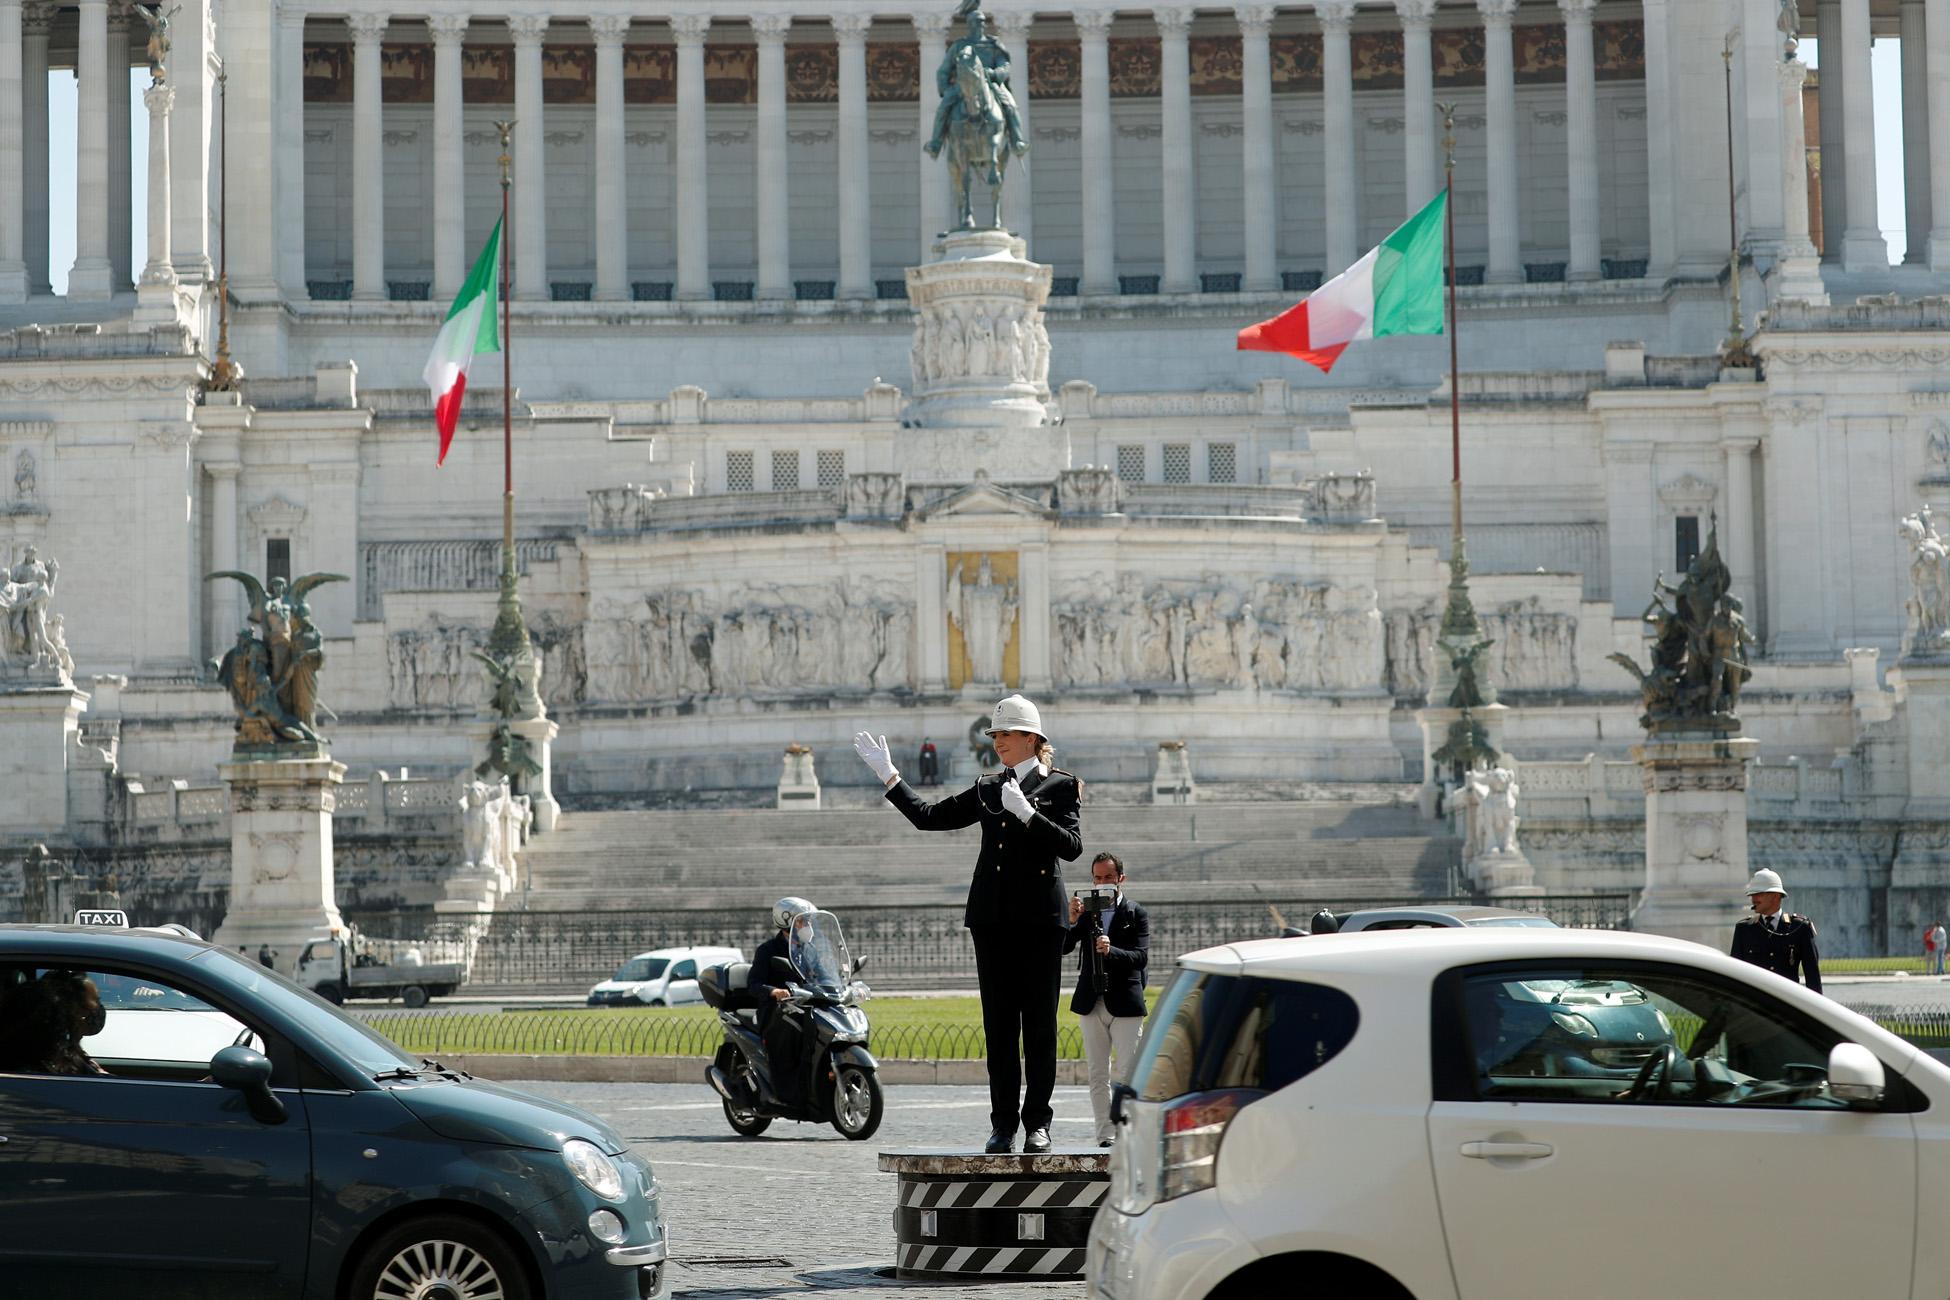 Ιταλία: Ανοίγει στις 2 Ιουνίου ο τουρισμός